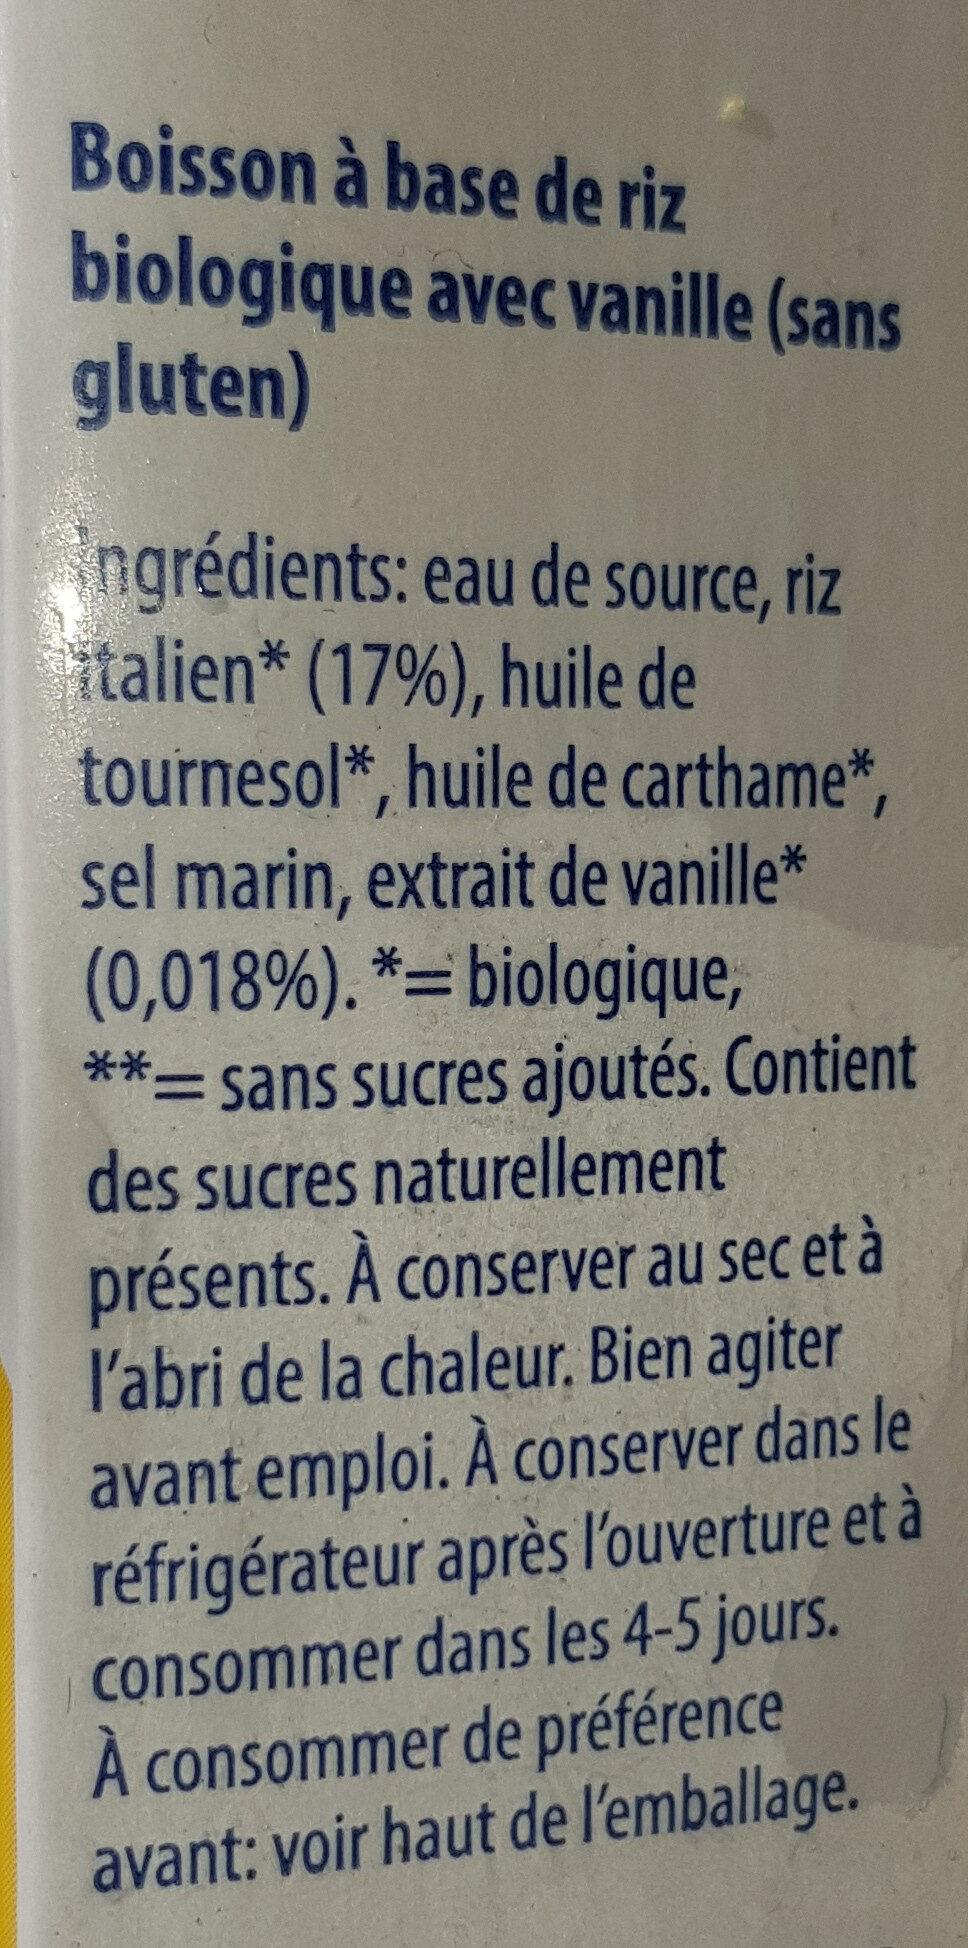 Bio Rice Drink Vanillia - Ingrédients - fr